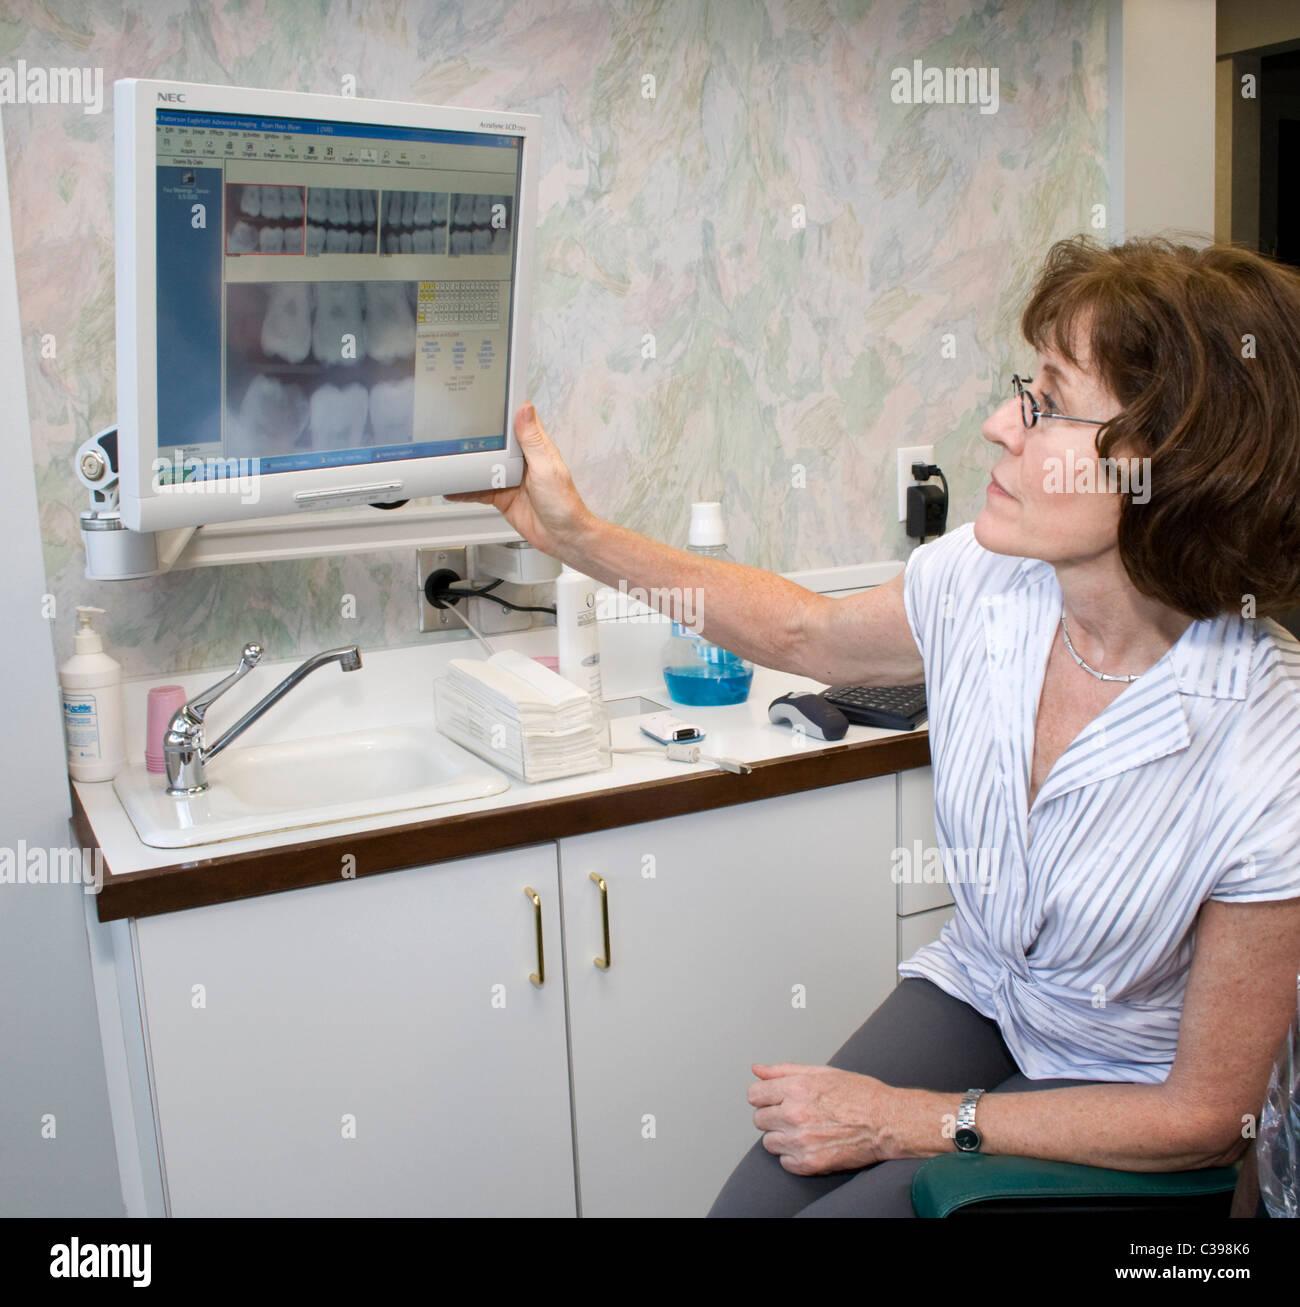 Frau Zahnarzt Zähne des Patienten auf dem Computerbildschirm zu studieren. St Paul Minnesota MN USA Stockbild